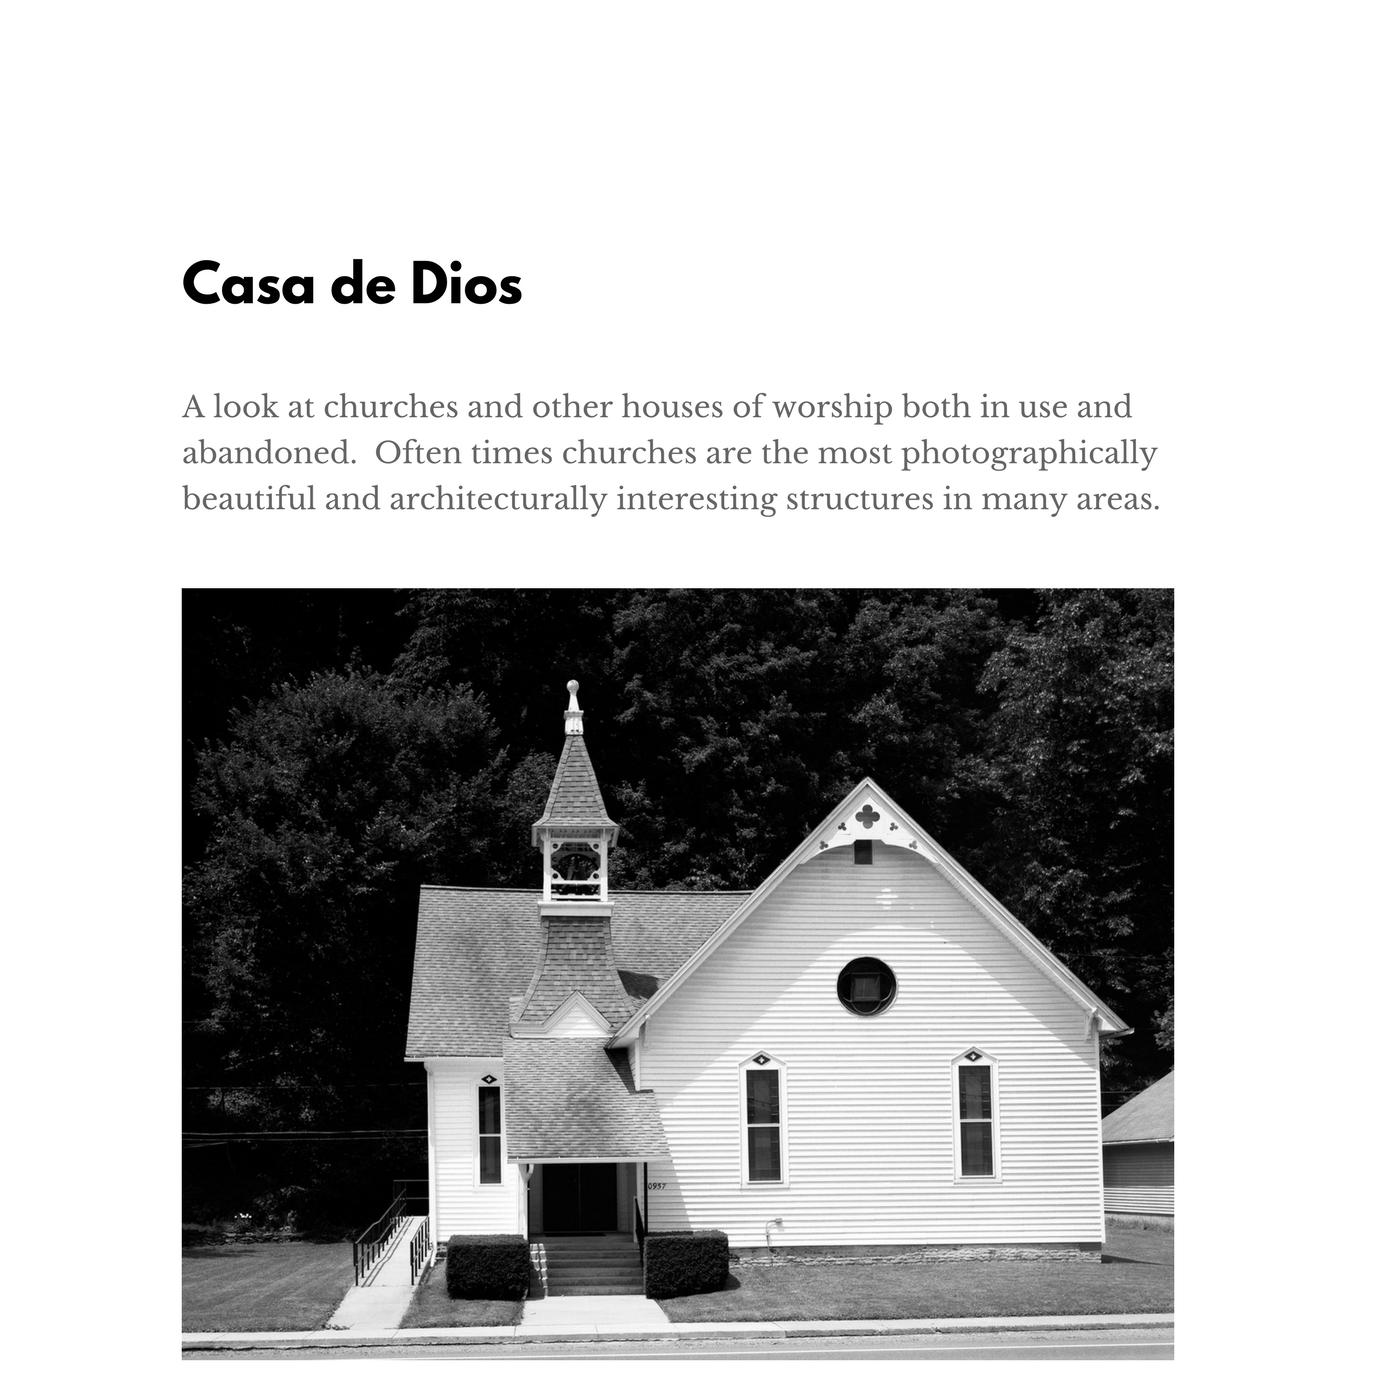 casa_de_dios_cover_image.png